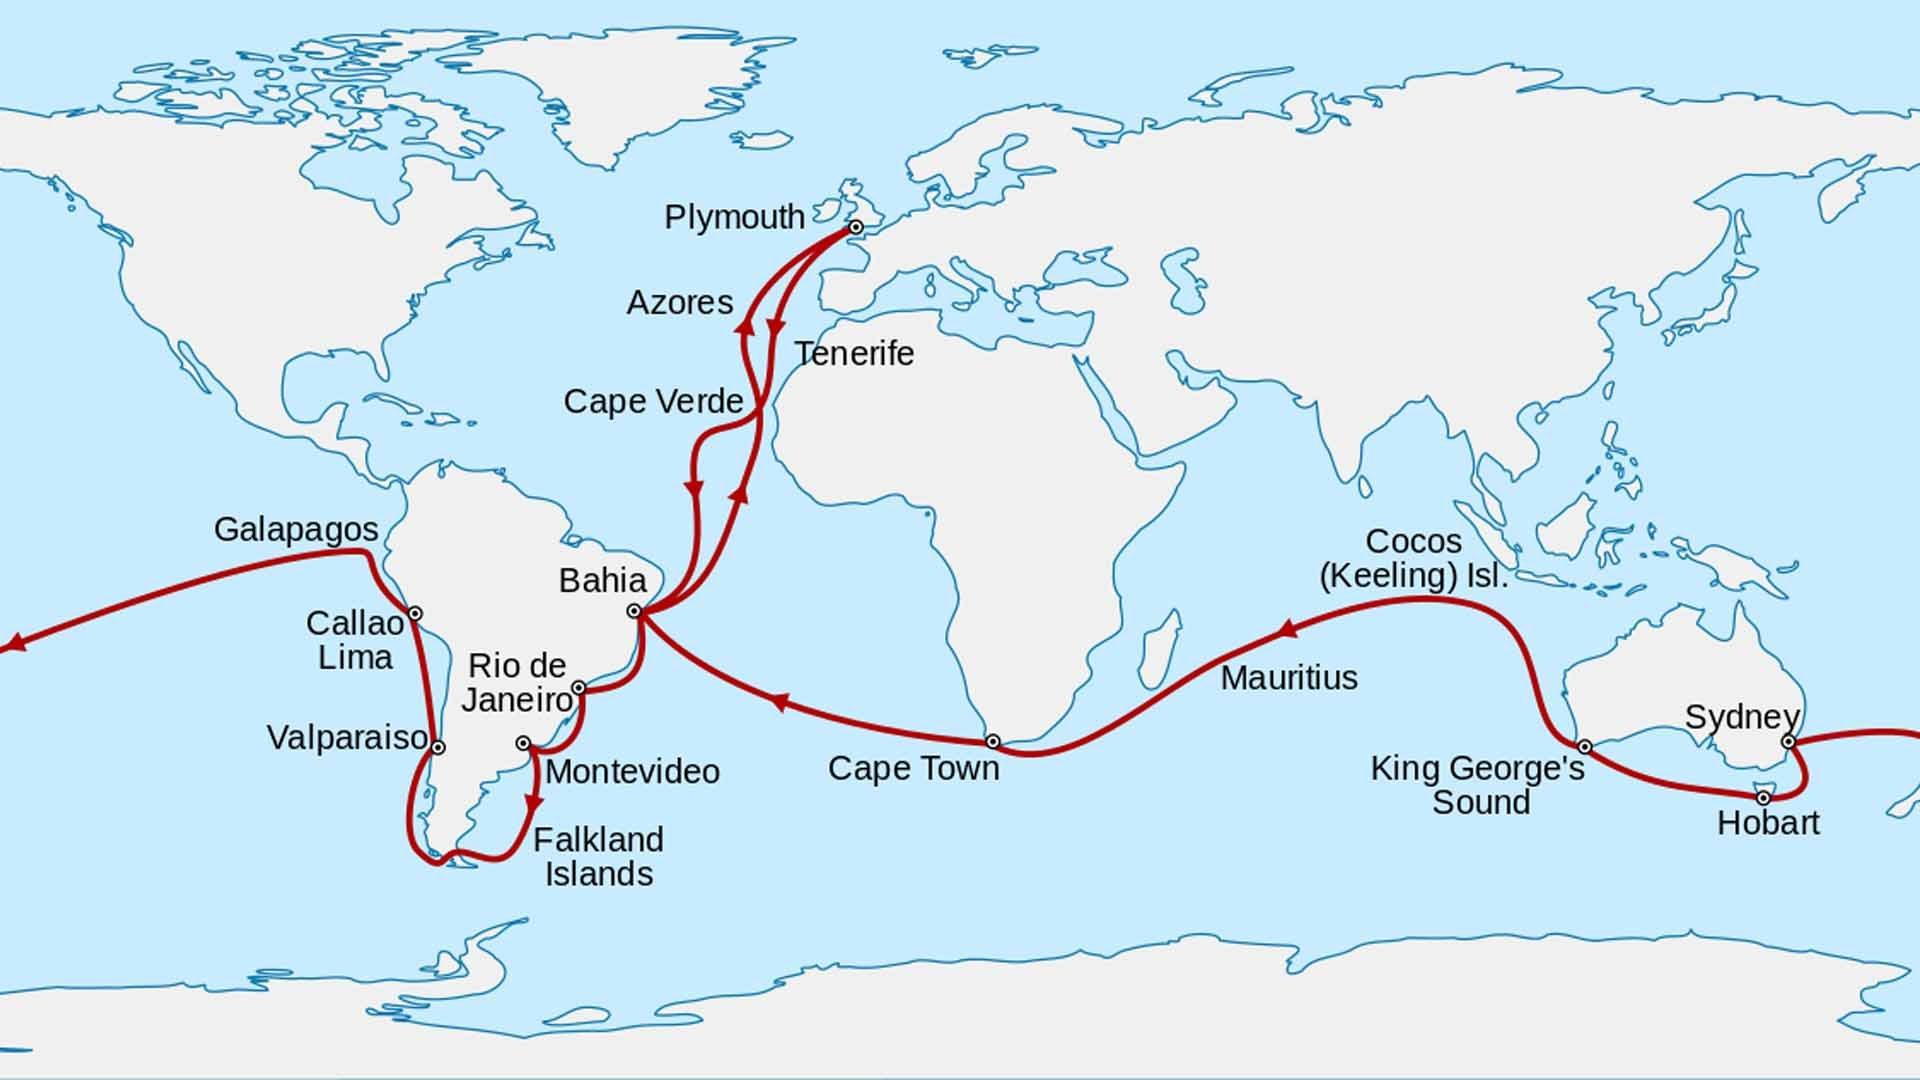 Il viaggio di Charles Darwin sul Beagle